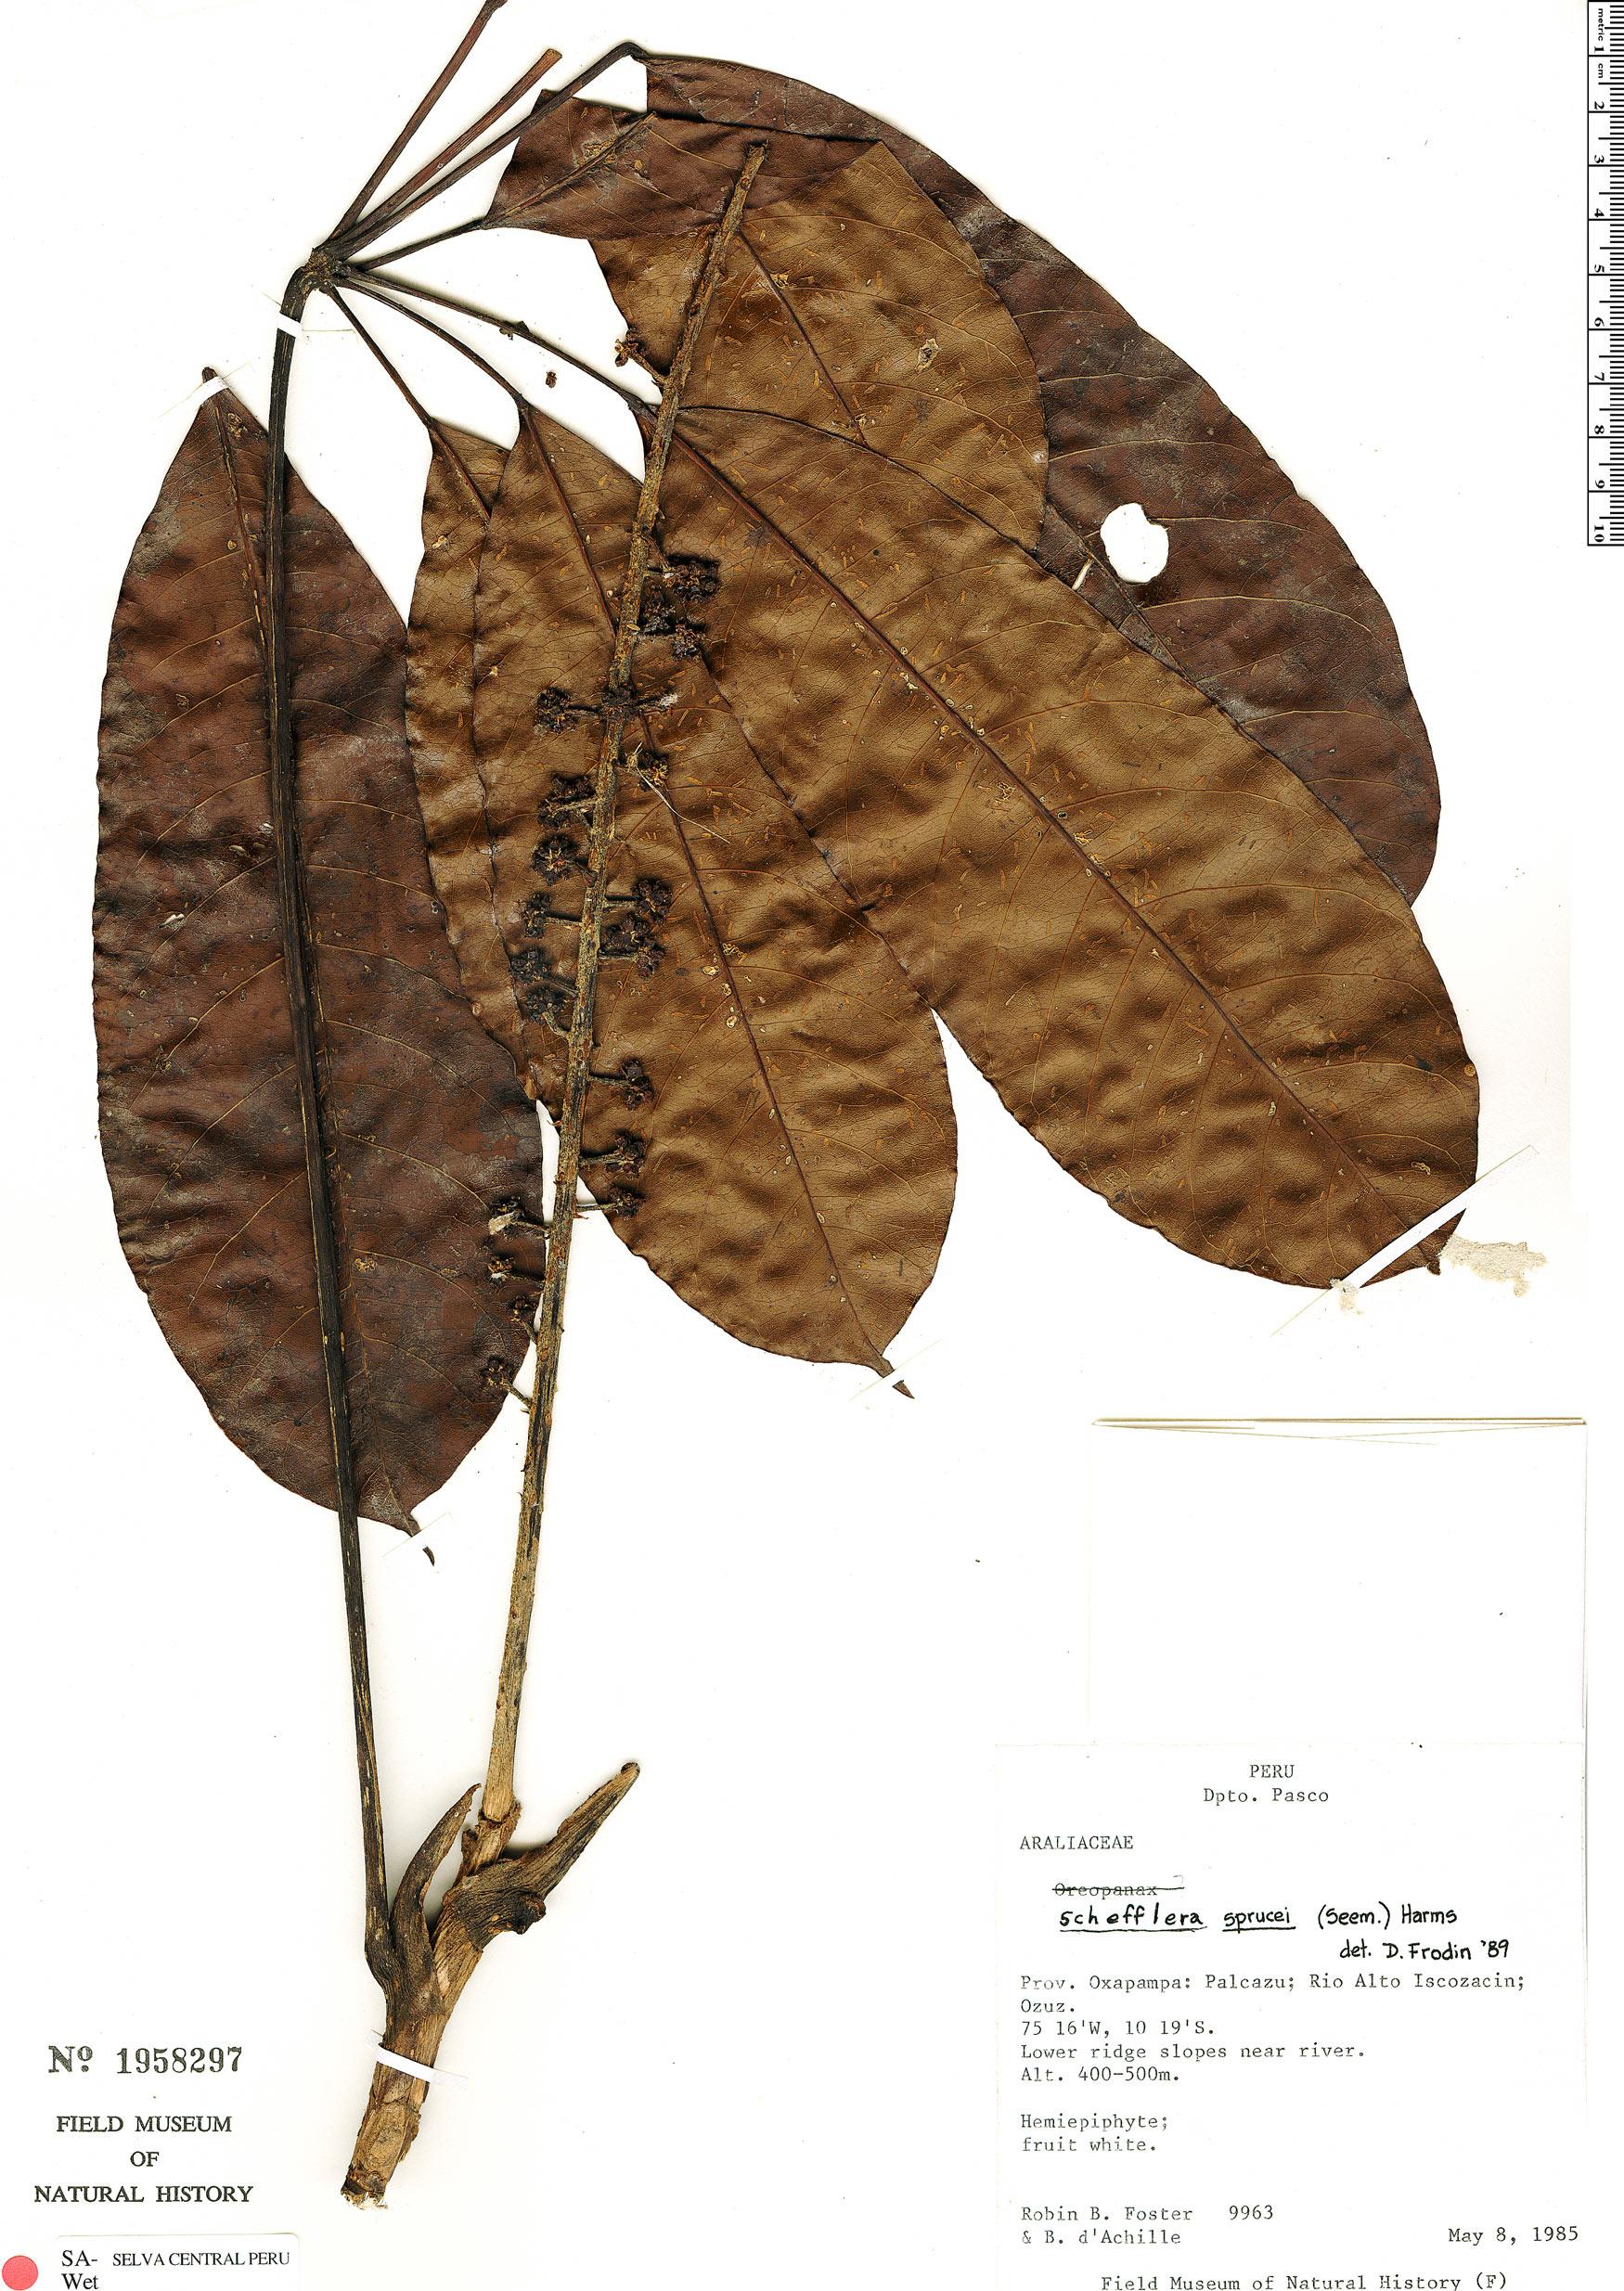 Specimen: Schefflera sprucei